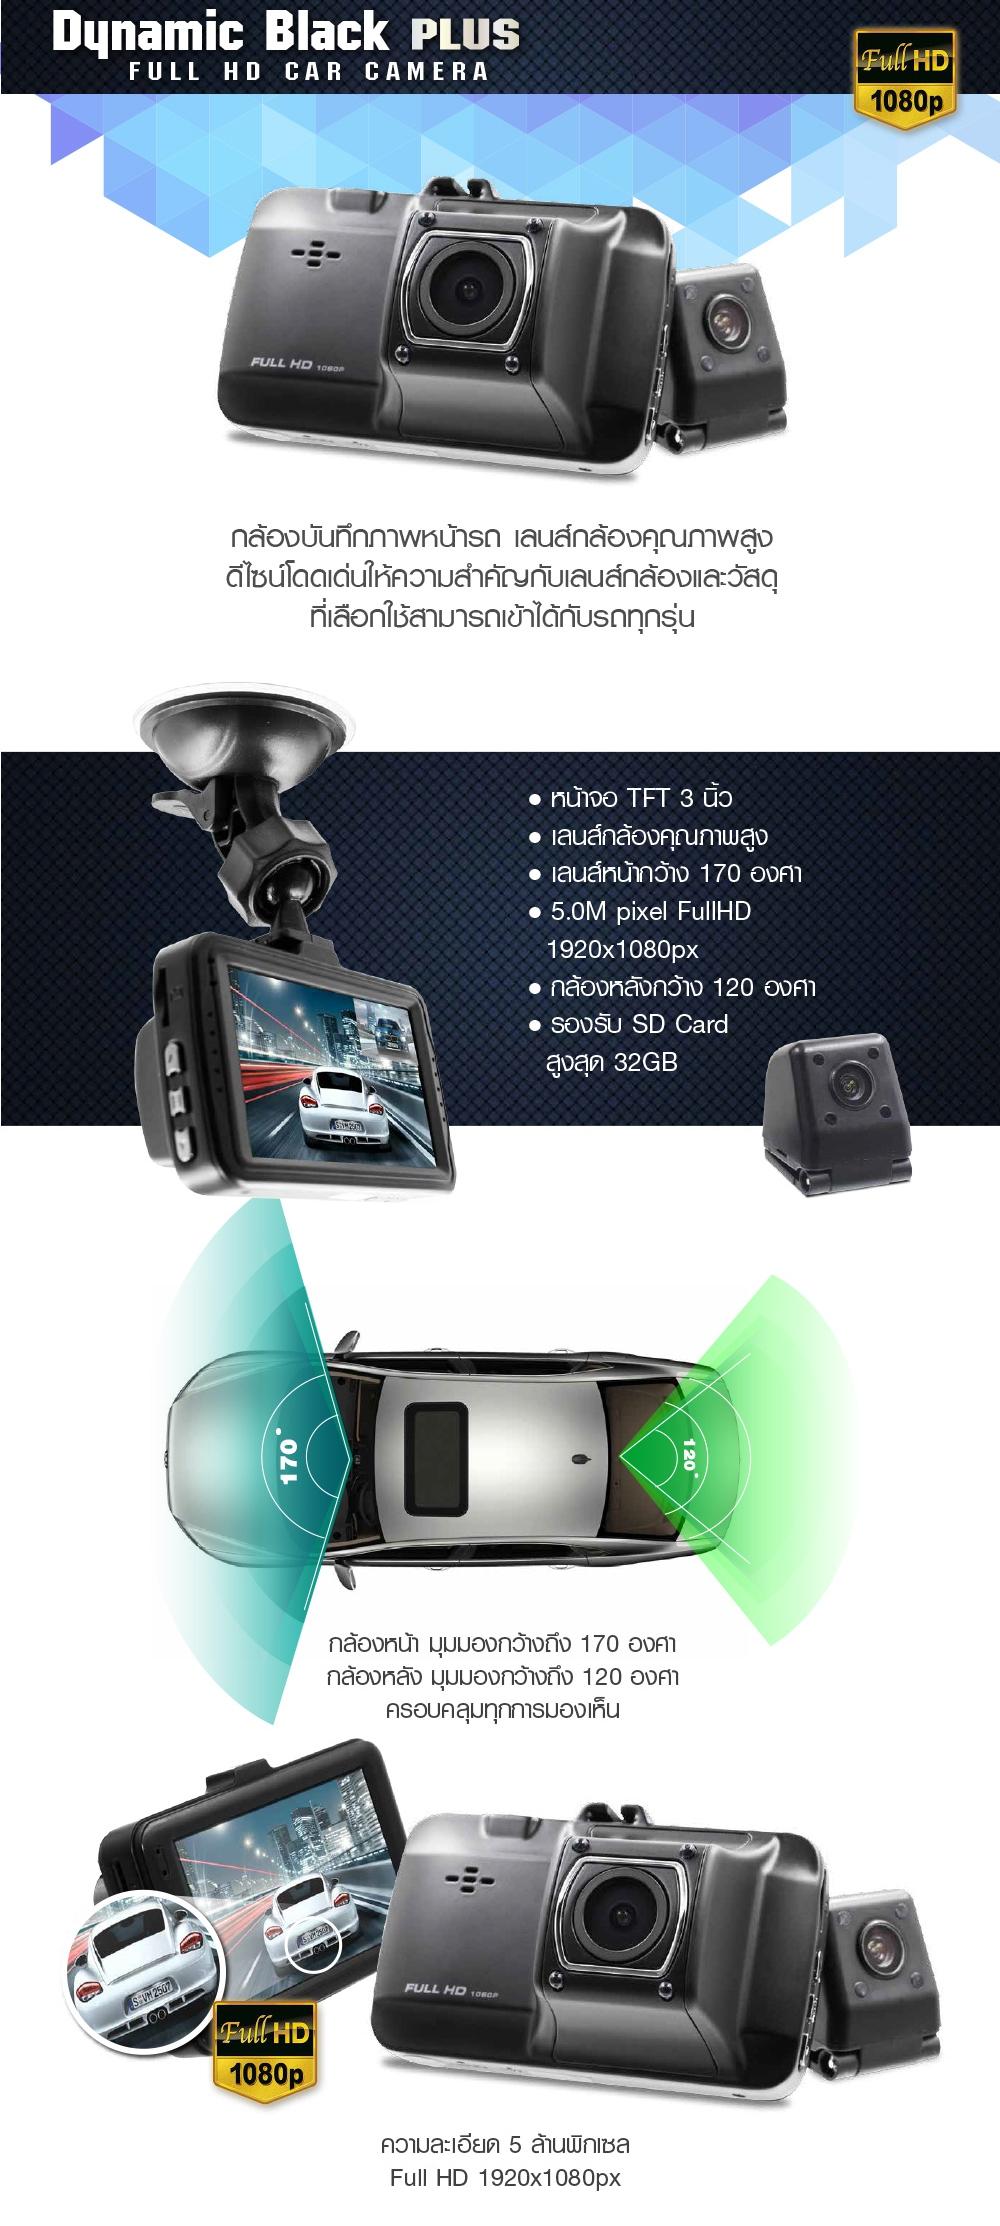 กล้องบันทึกภาพหน้าหลัง, กล้องติดรถ, ABT SMART VIEW, ABG, CAR CAMERA